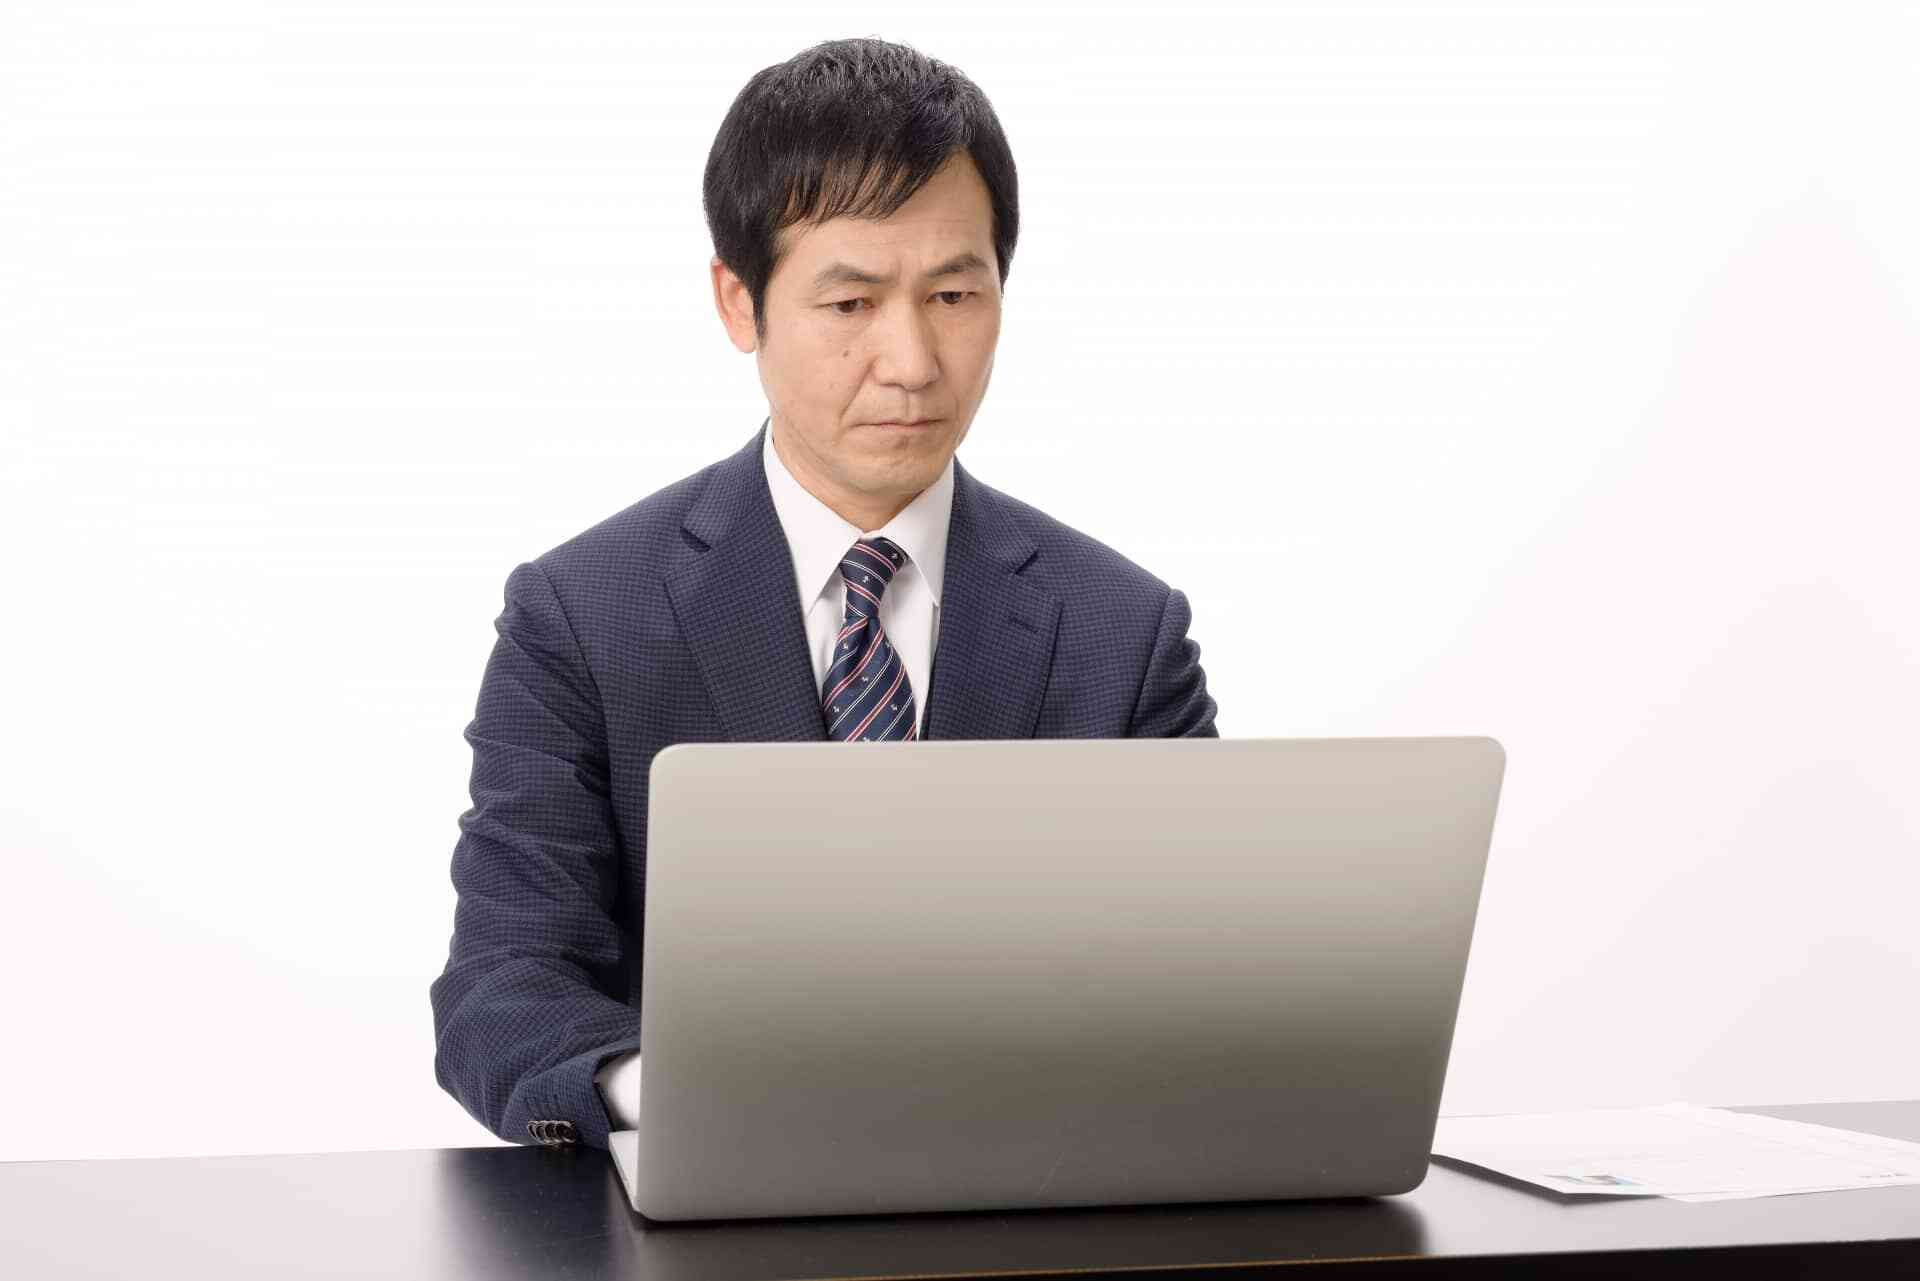 履歴書のPDF形式とは-就活生が使うべき履歴書を解説-